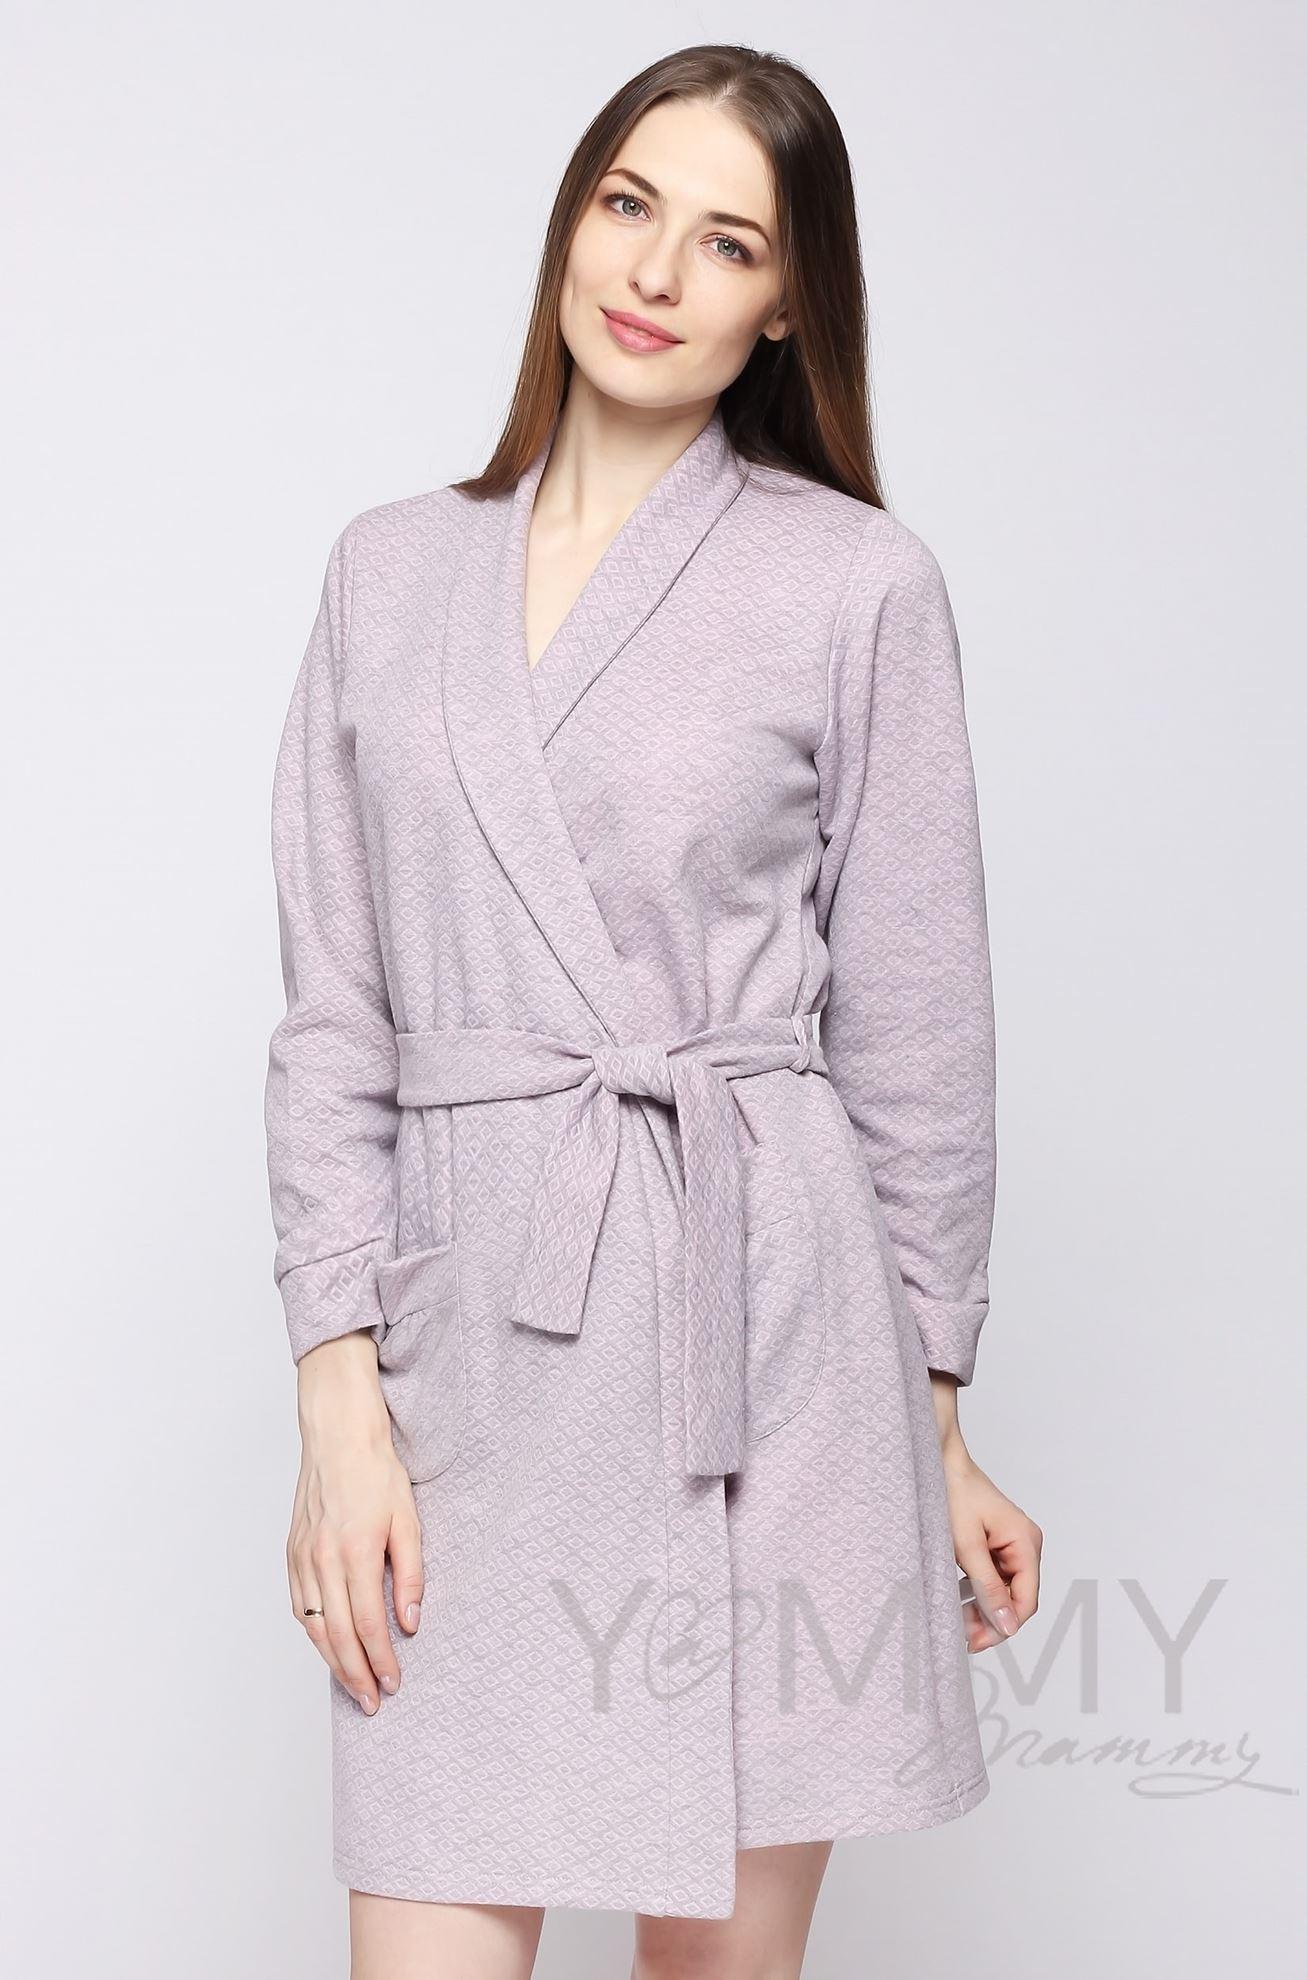 Изображение                               Комплект халат с сорочкой розовый